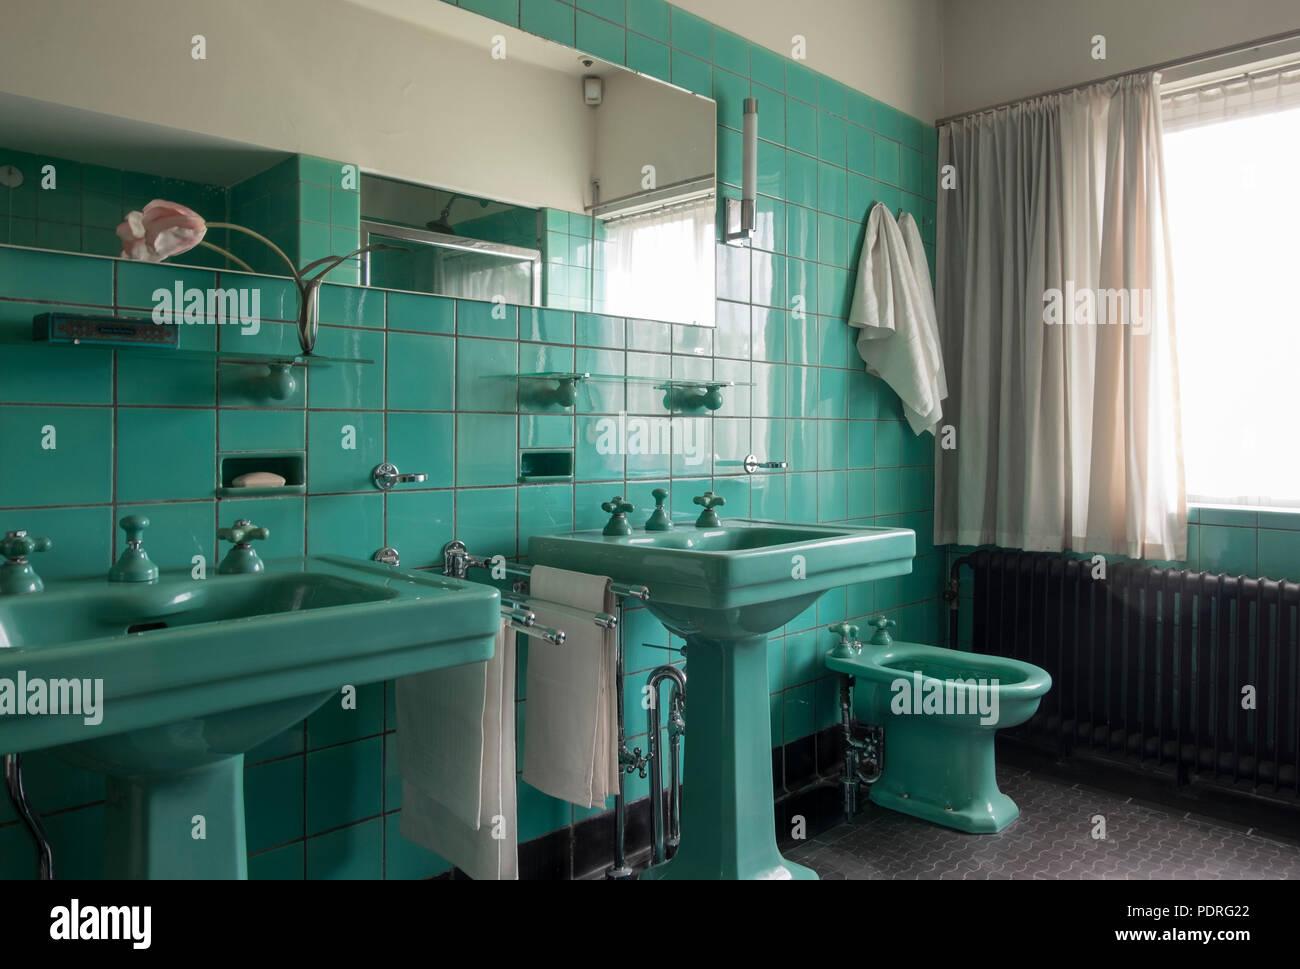 bilder im badezimmer